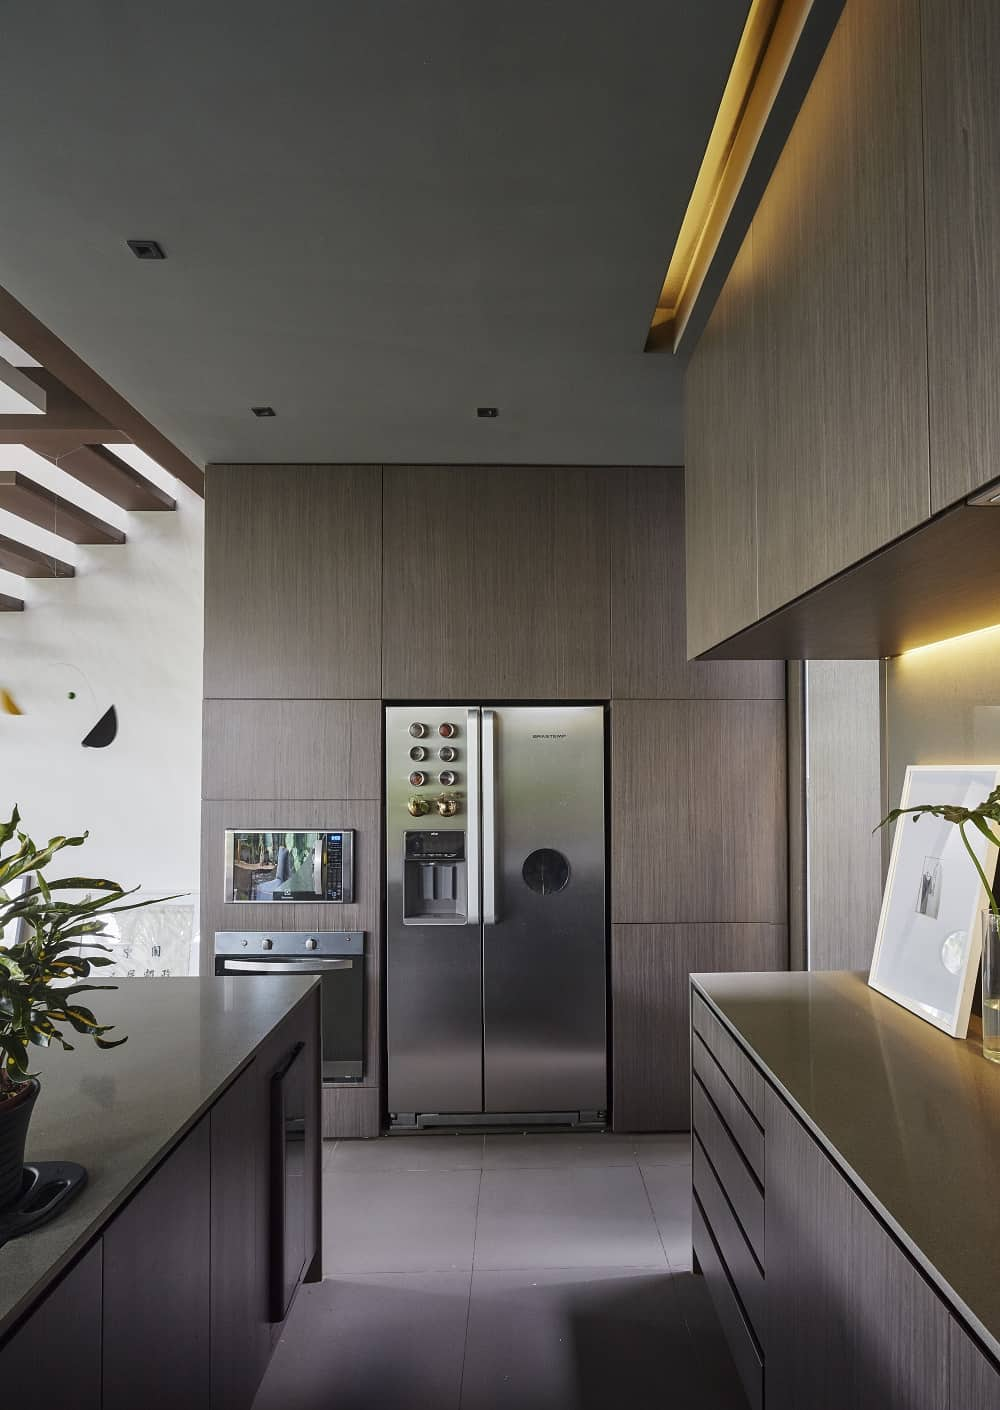 Kitchen in the Casa Box designed by Flavio Castro.